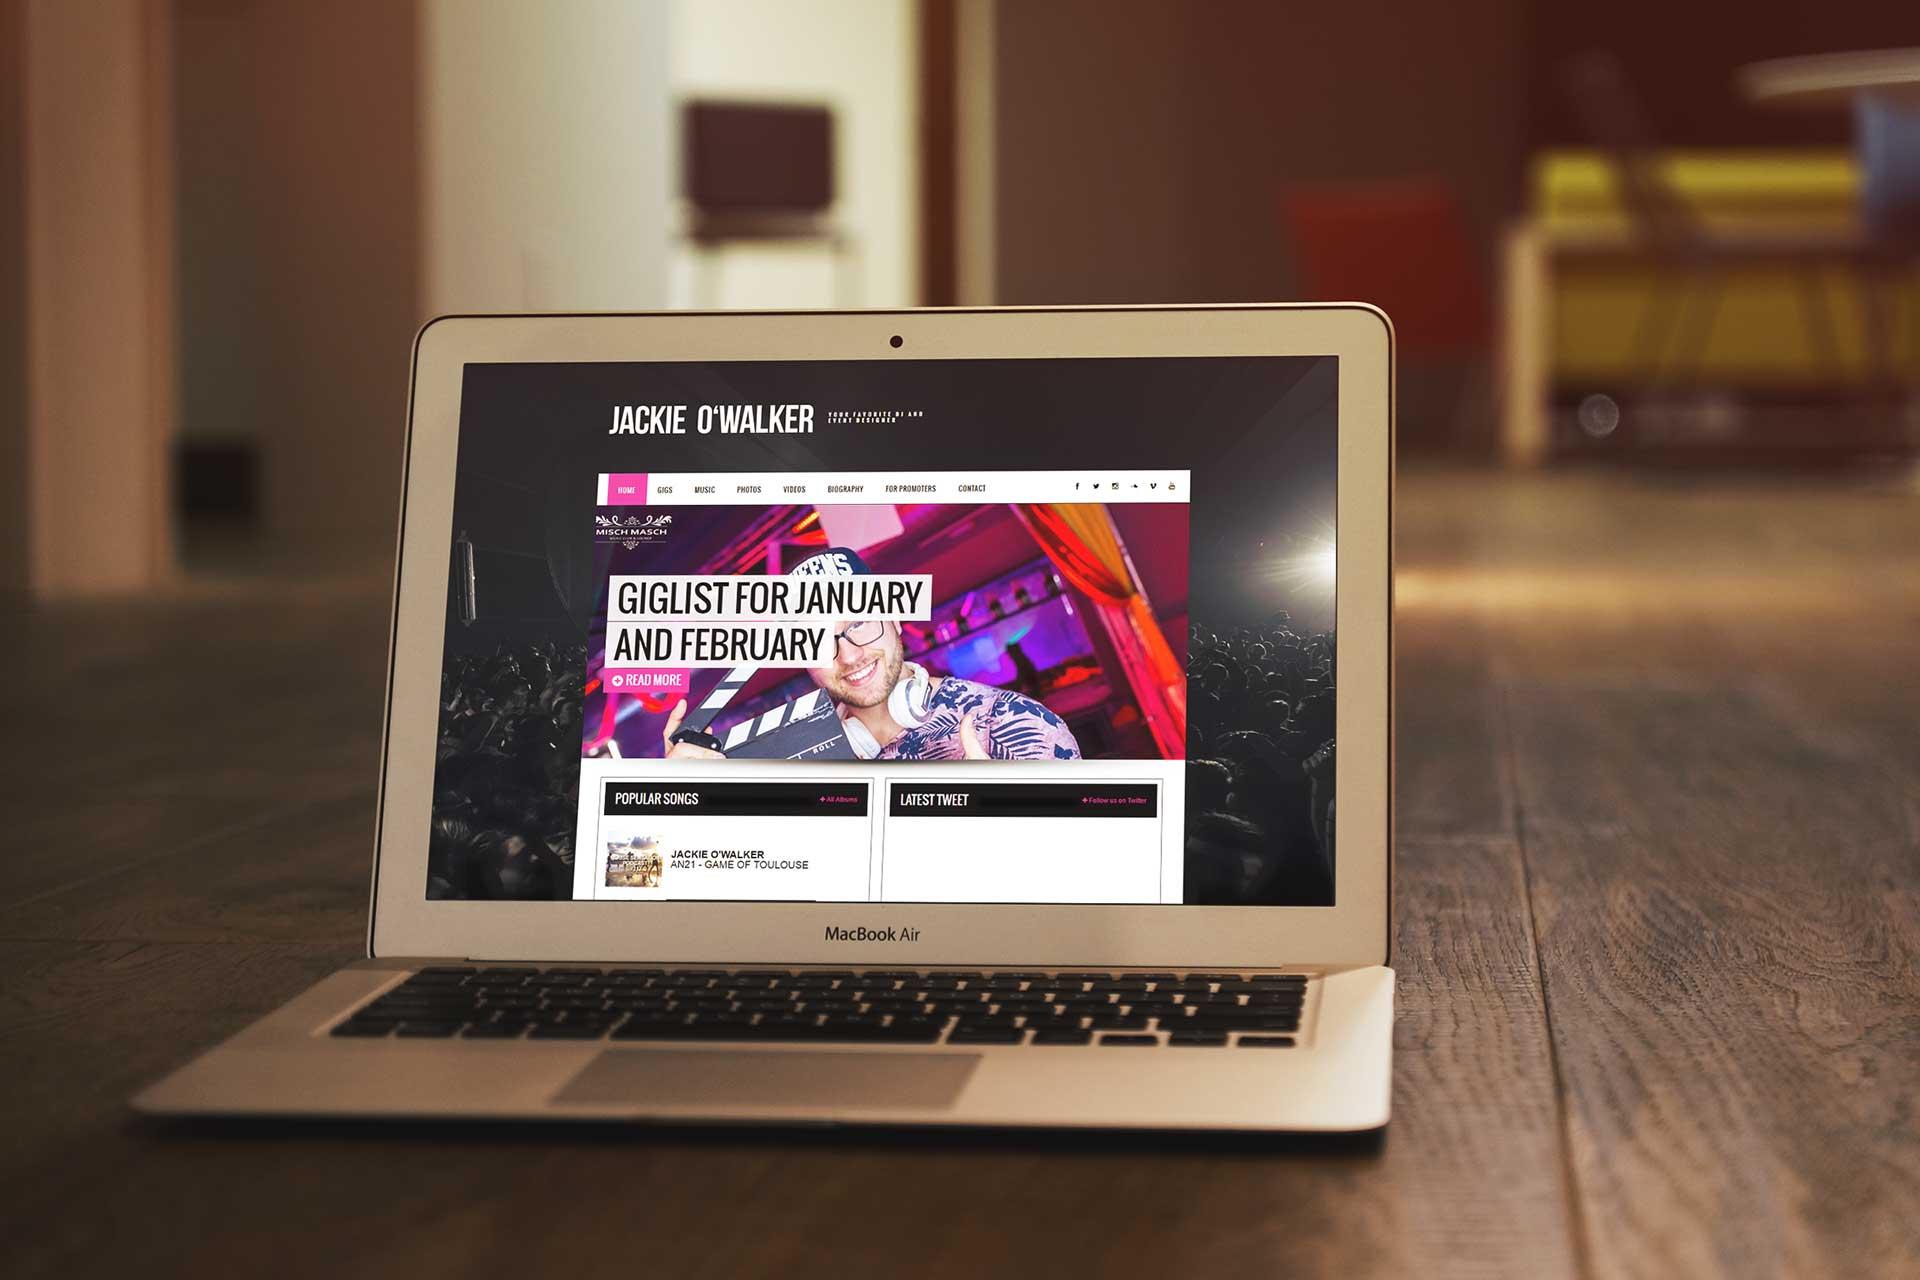 Webové stránky od studioseven pro DJ Jackie O'Walker zobrazený na MacBook Air. Reference studioseven web na míru.